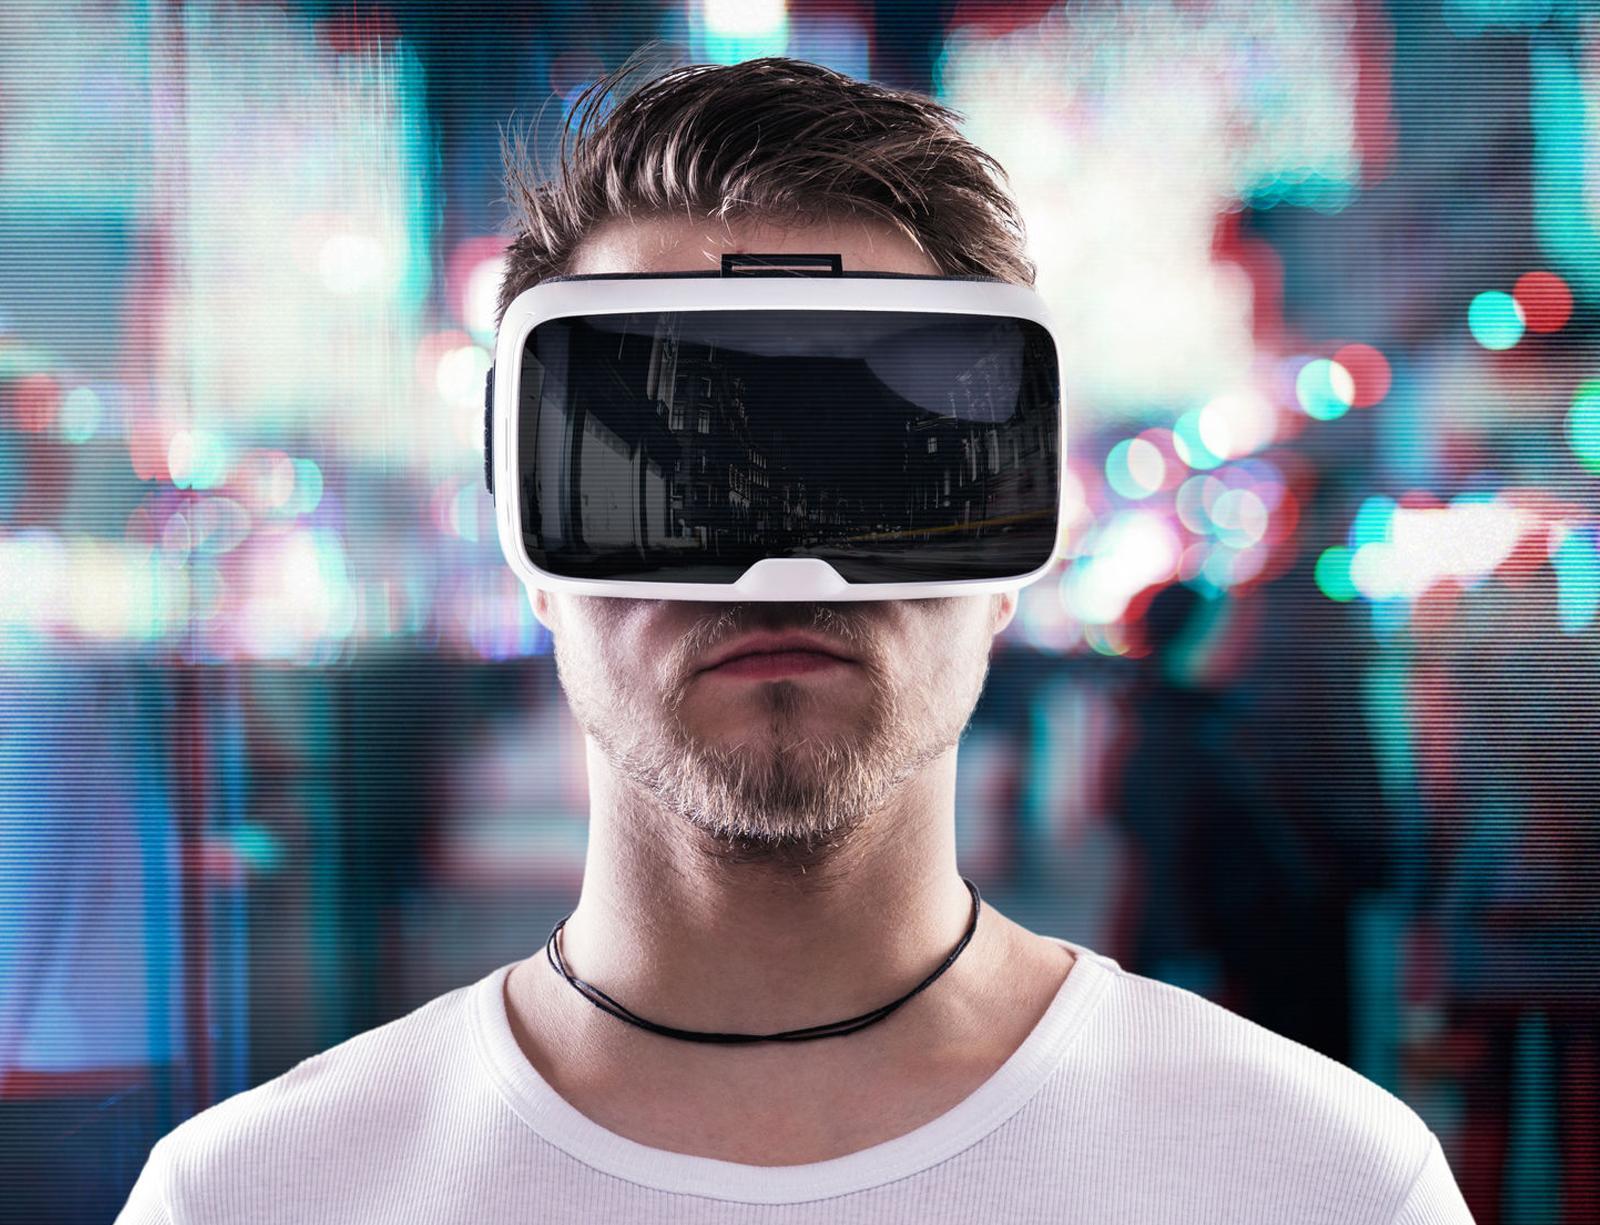 697a94555 Poznejte, jak virtuální realita změní vaše životy, kolonizaci vesmíru a  války